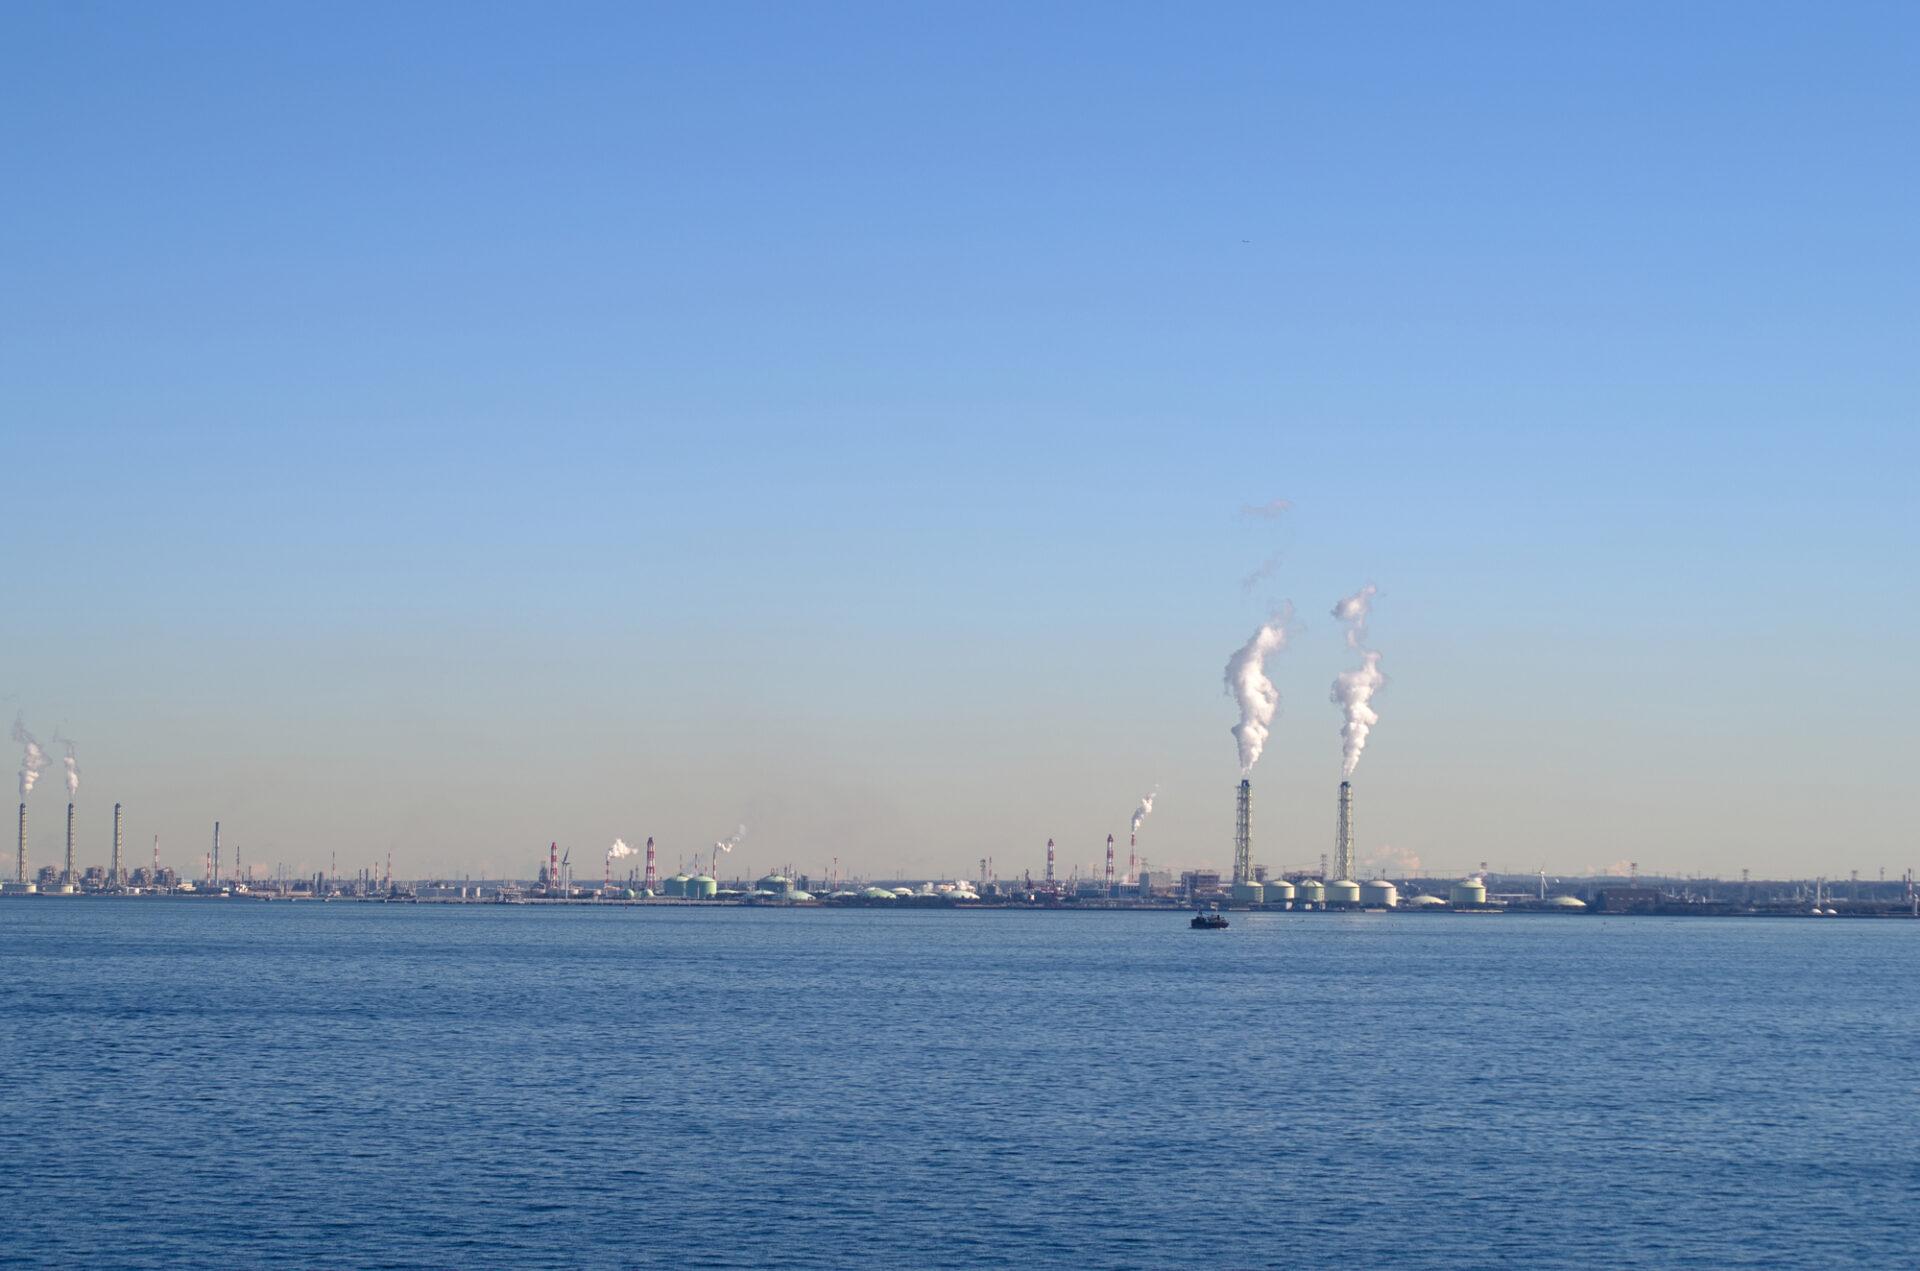 広い海の向こうに工場の煙突が見える